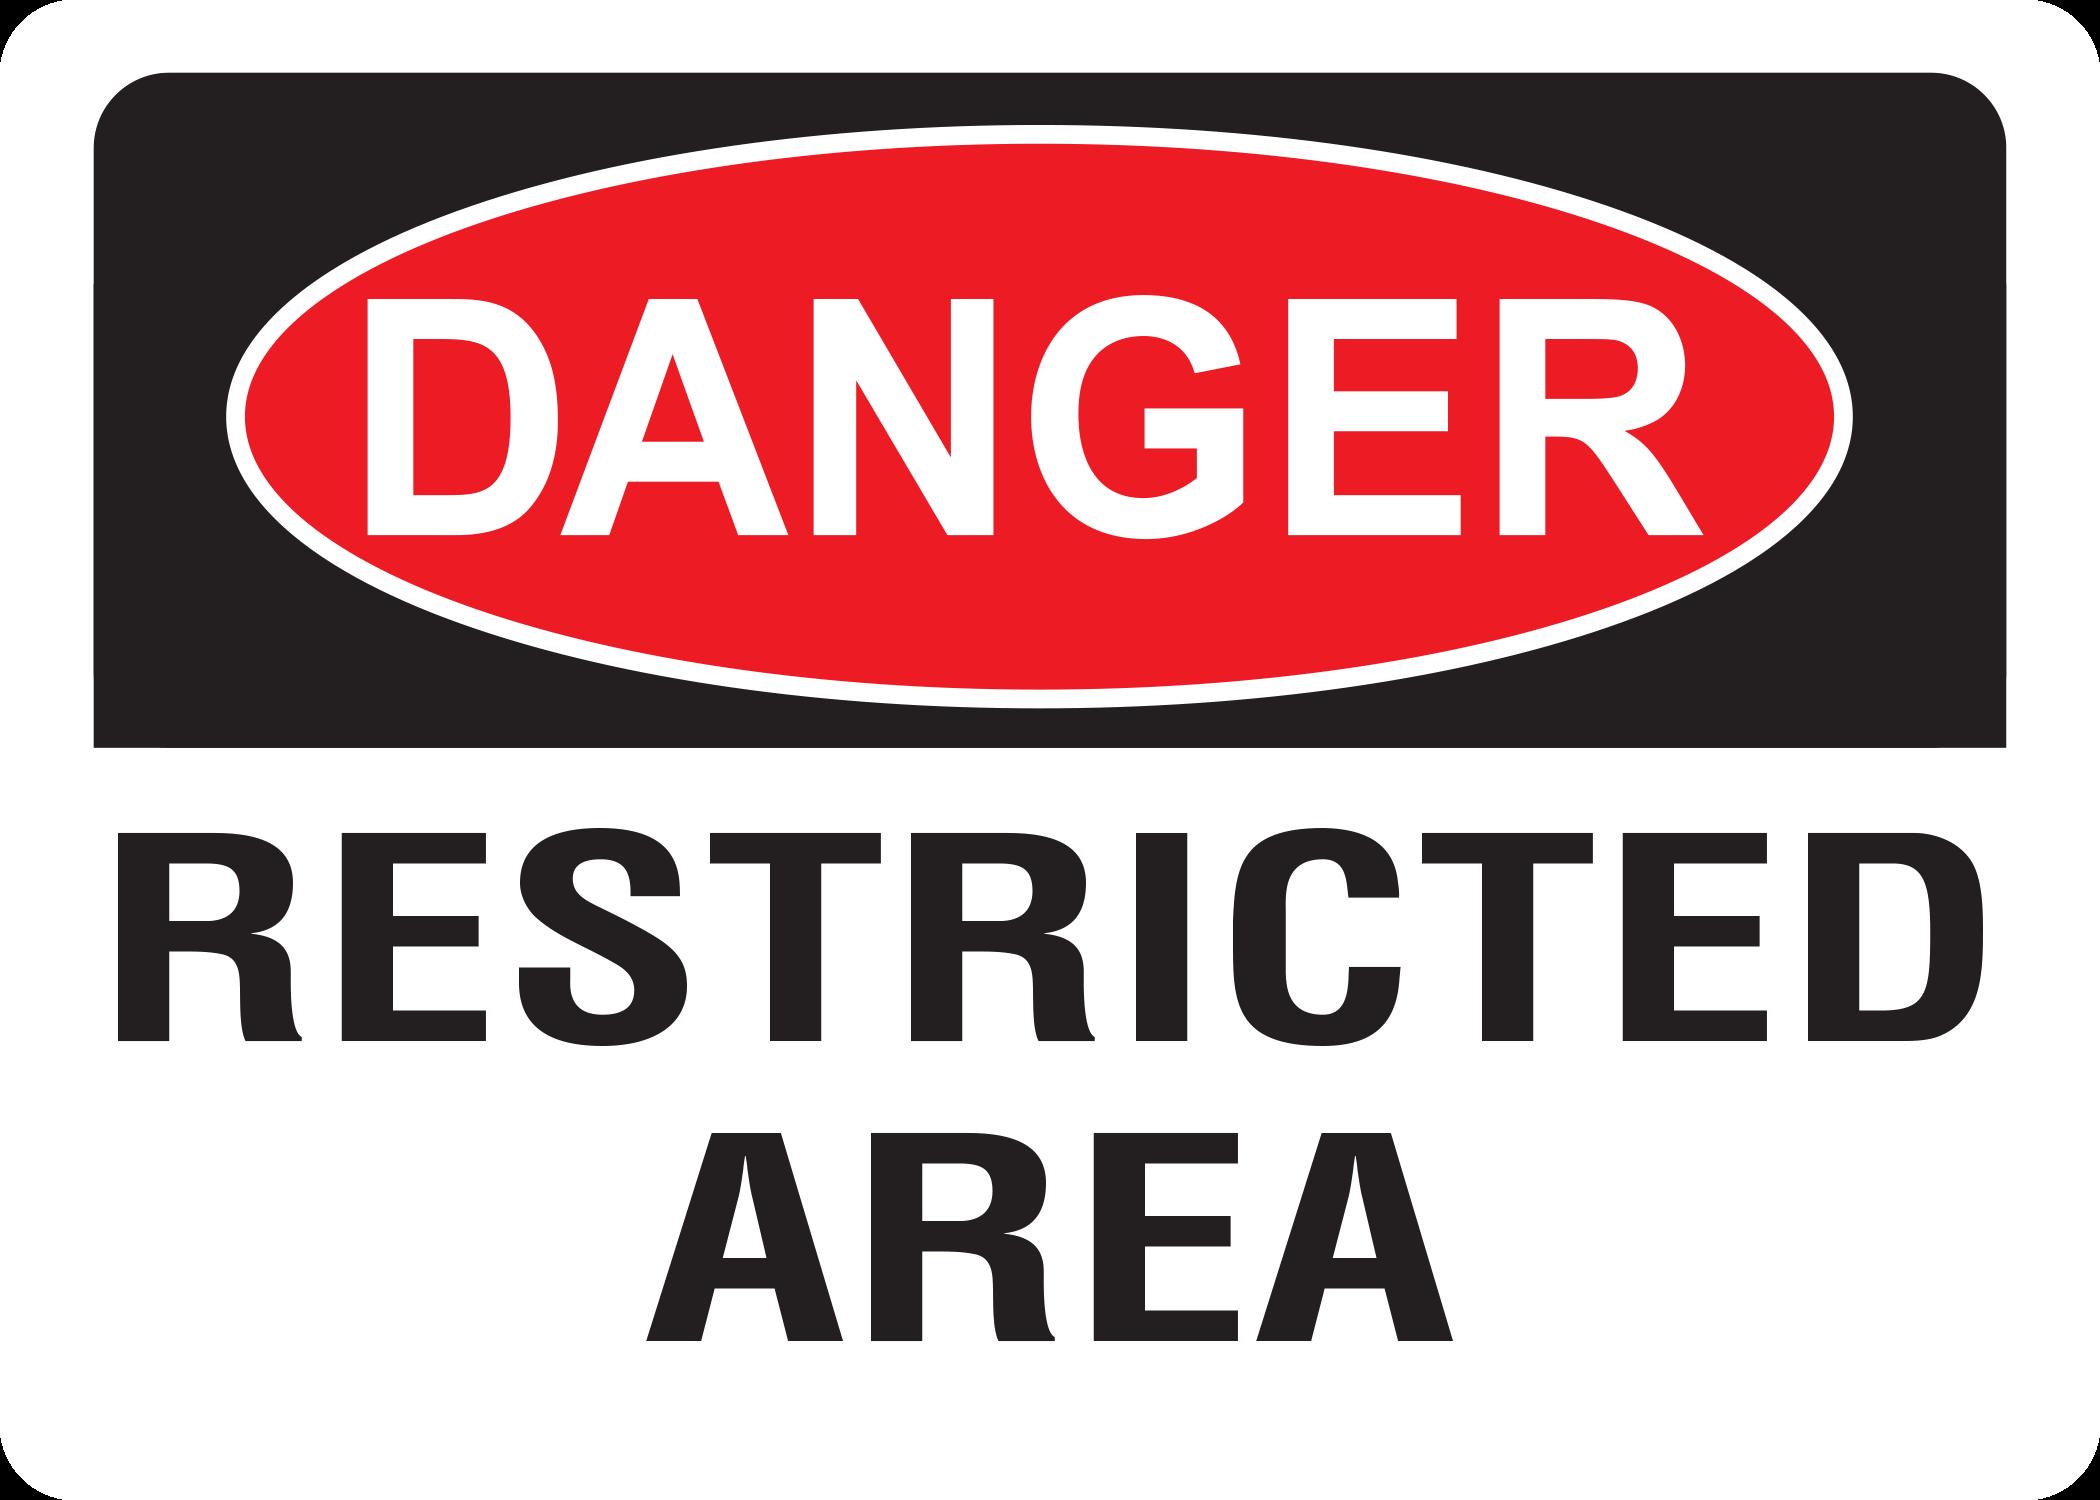 Danger Restricted Area